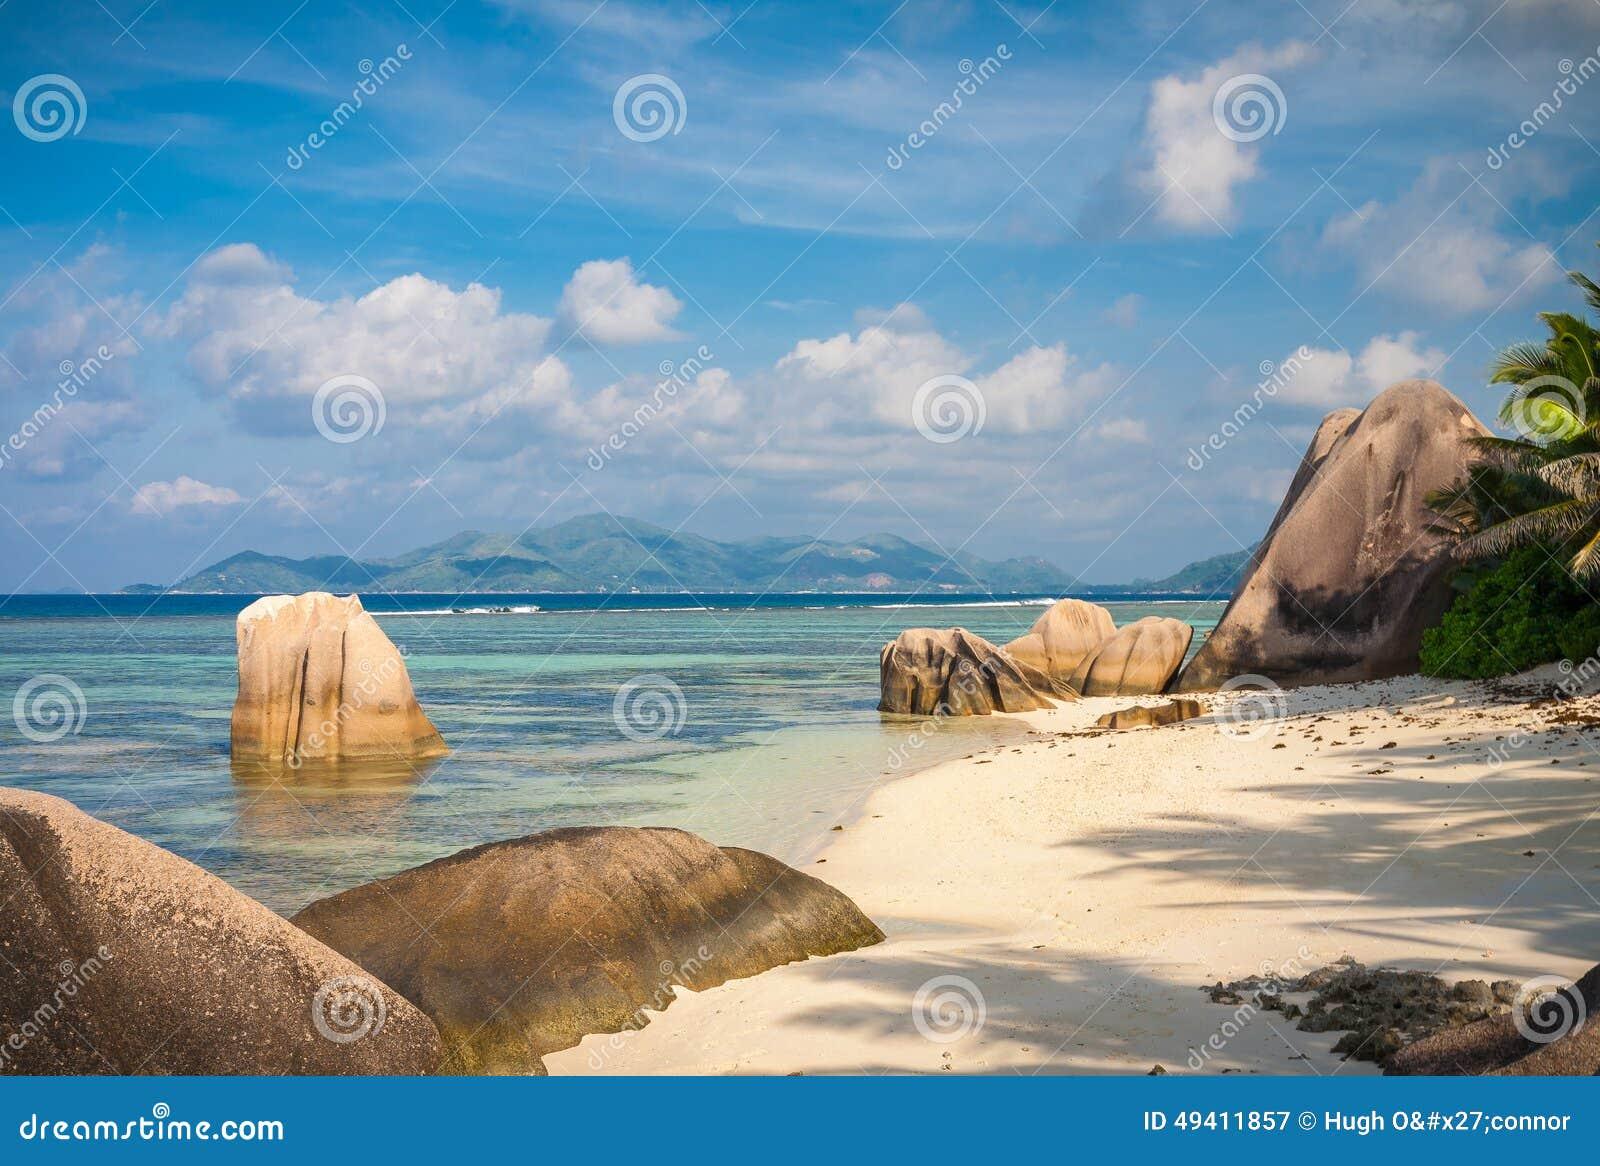 Download Erstaunlicher Tropischer Strand In Den Seychellen Stockbild - Bild von frech, küstenlinie: 49411857